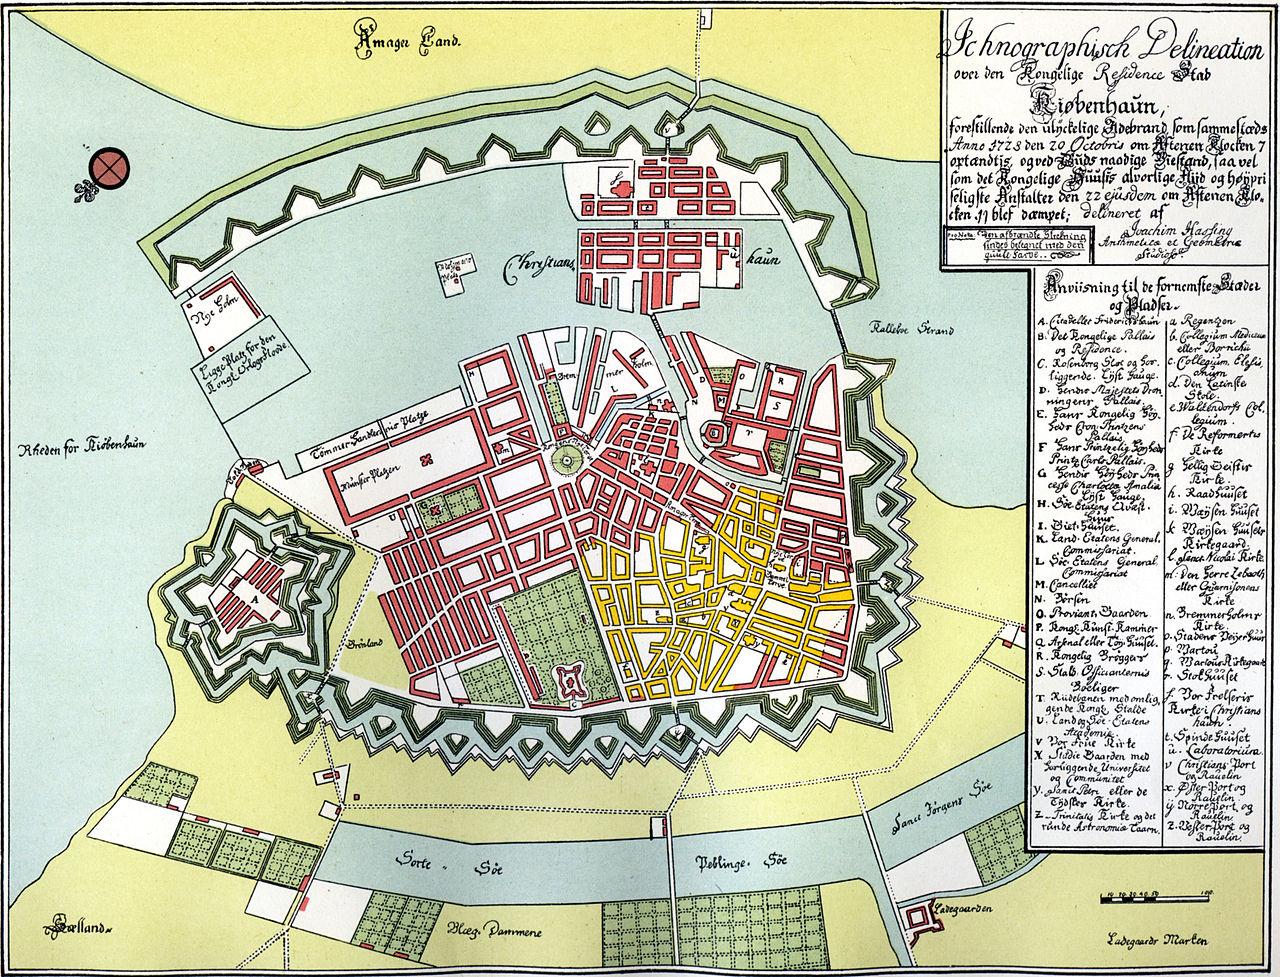 Карта Копенгагена 1728 года авторства Иоахима Хассинга. Жёлтым показаны сгоревшие дома.